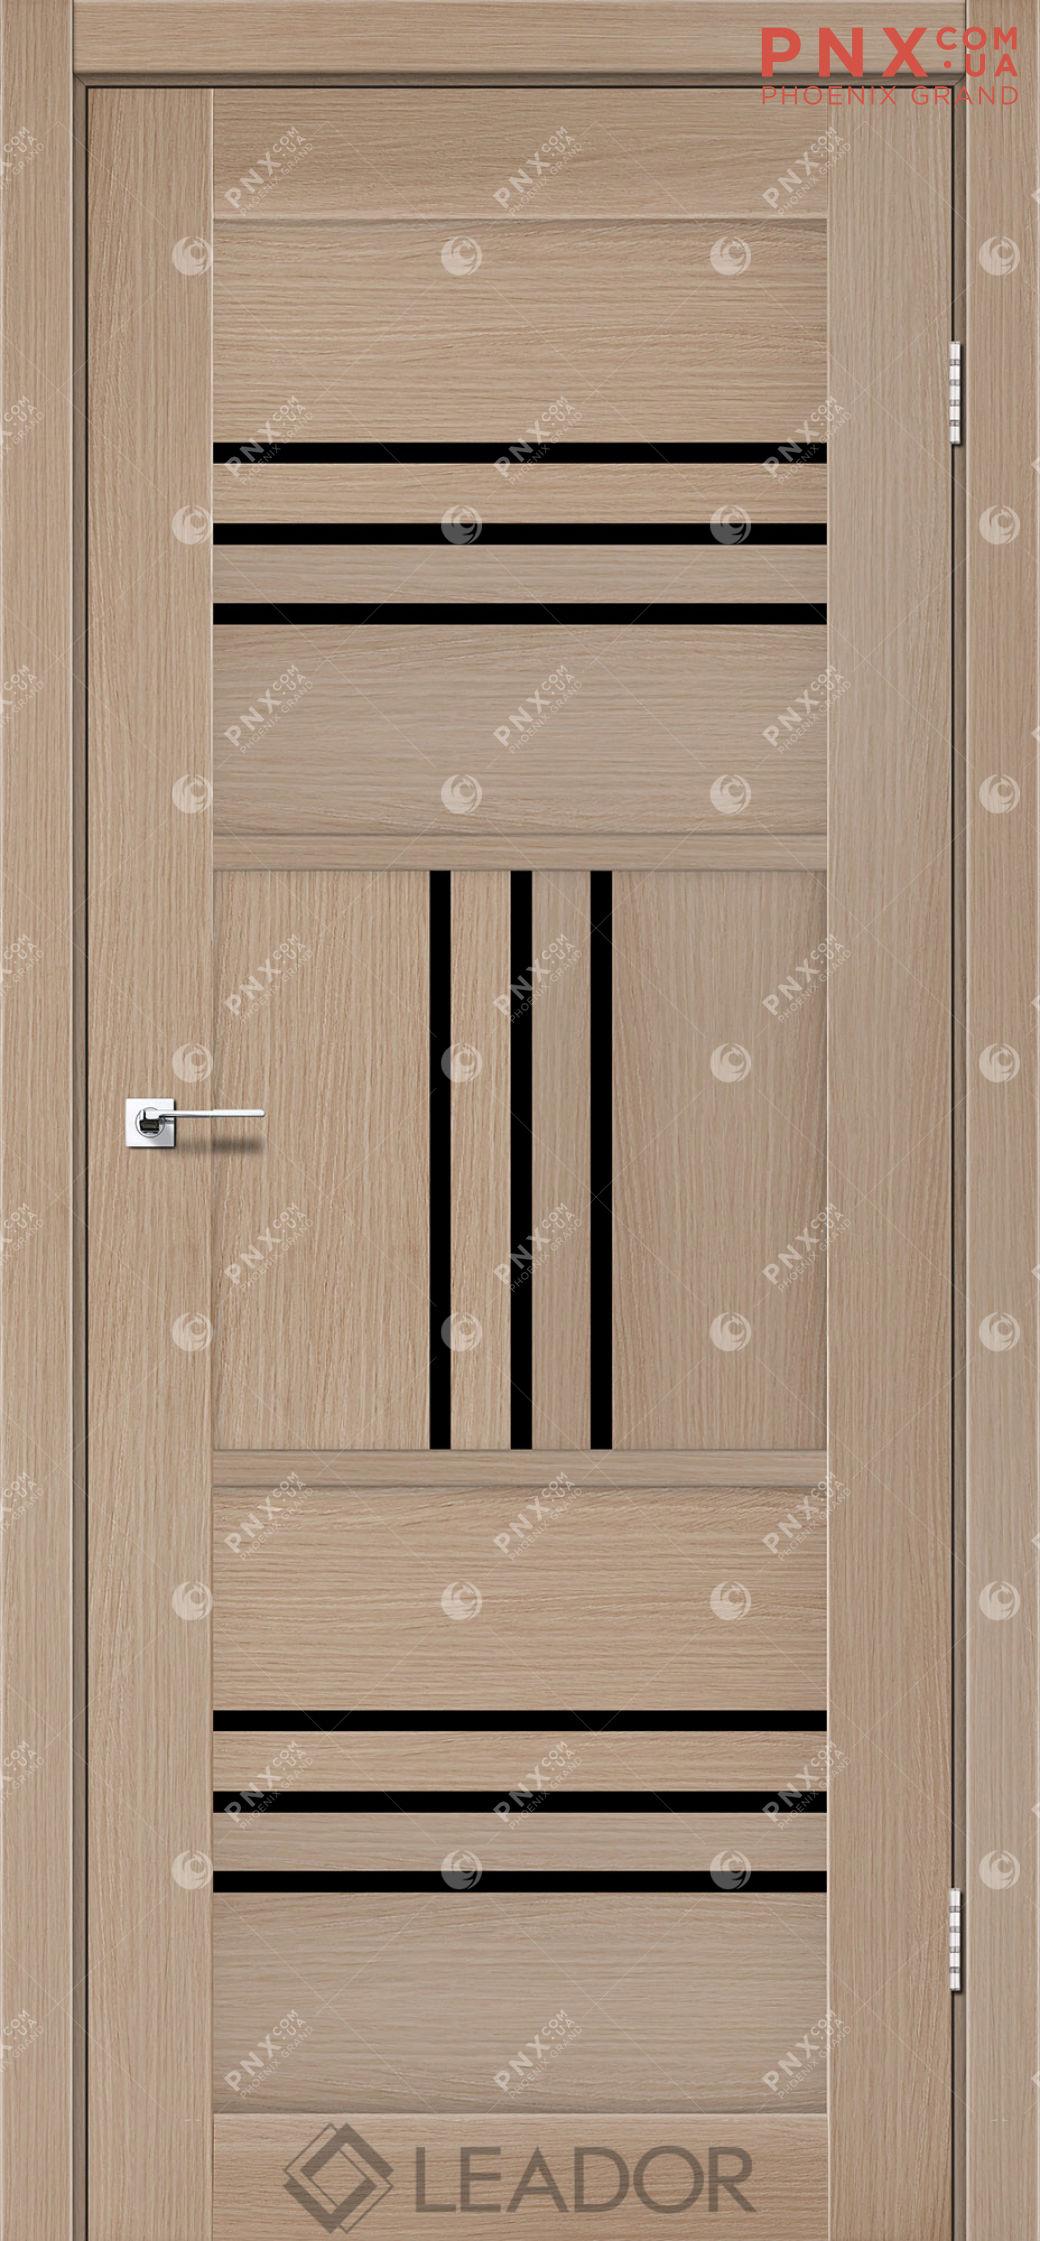 Межкомнатная дверь LEADOR Gela, Дуб Мокко, Черное стекло